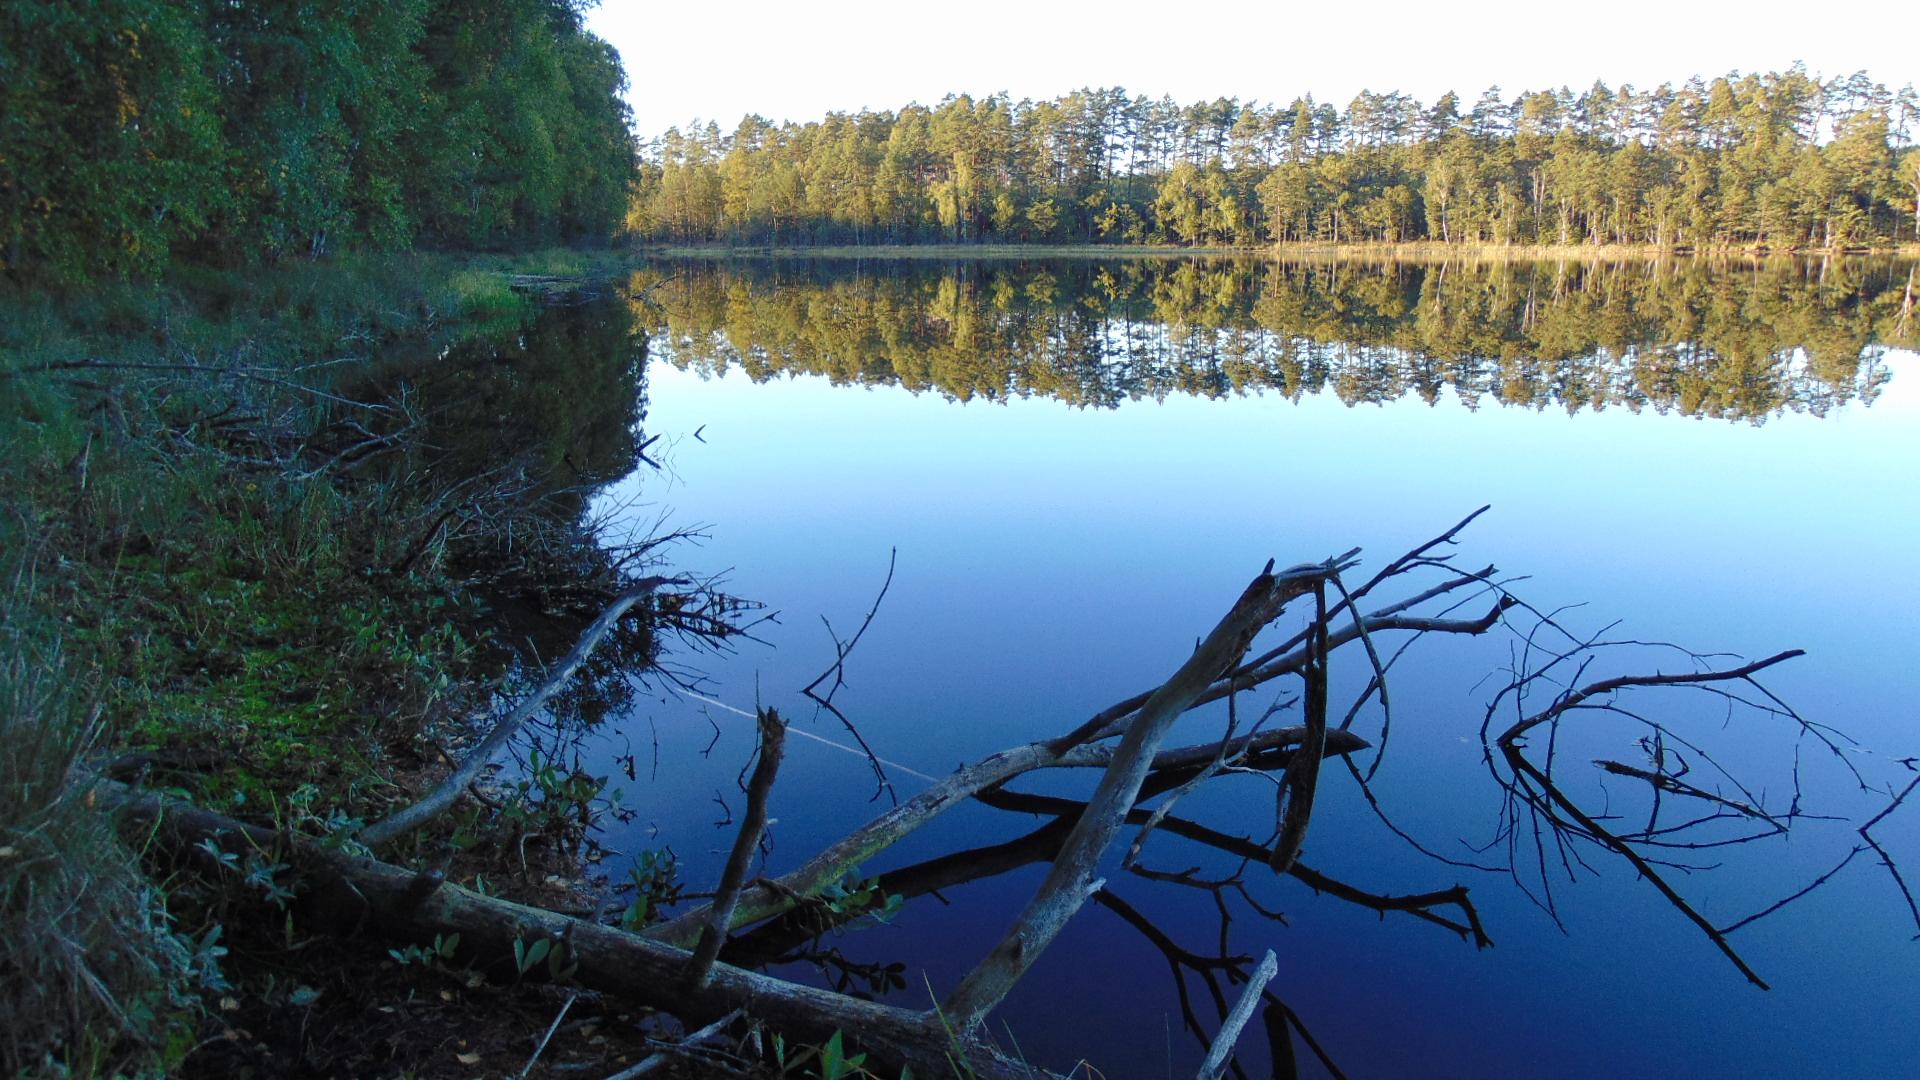 Człuchów i okolice, jezioro Sporackie, źródło: agroturystyka.polnica.pl